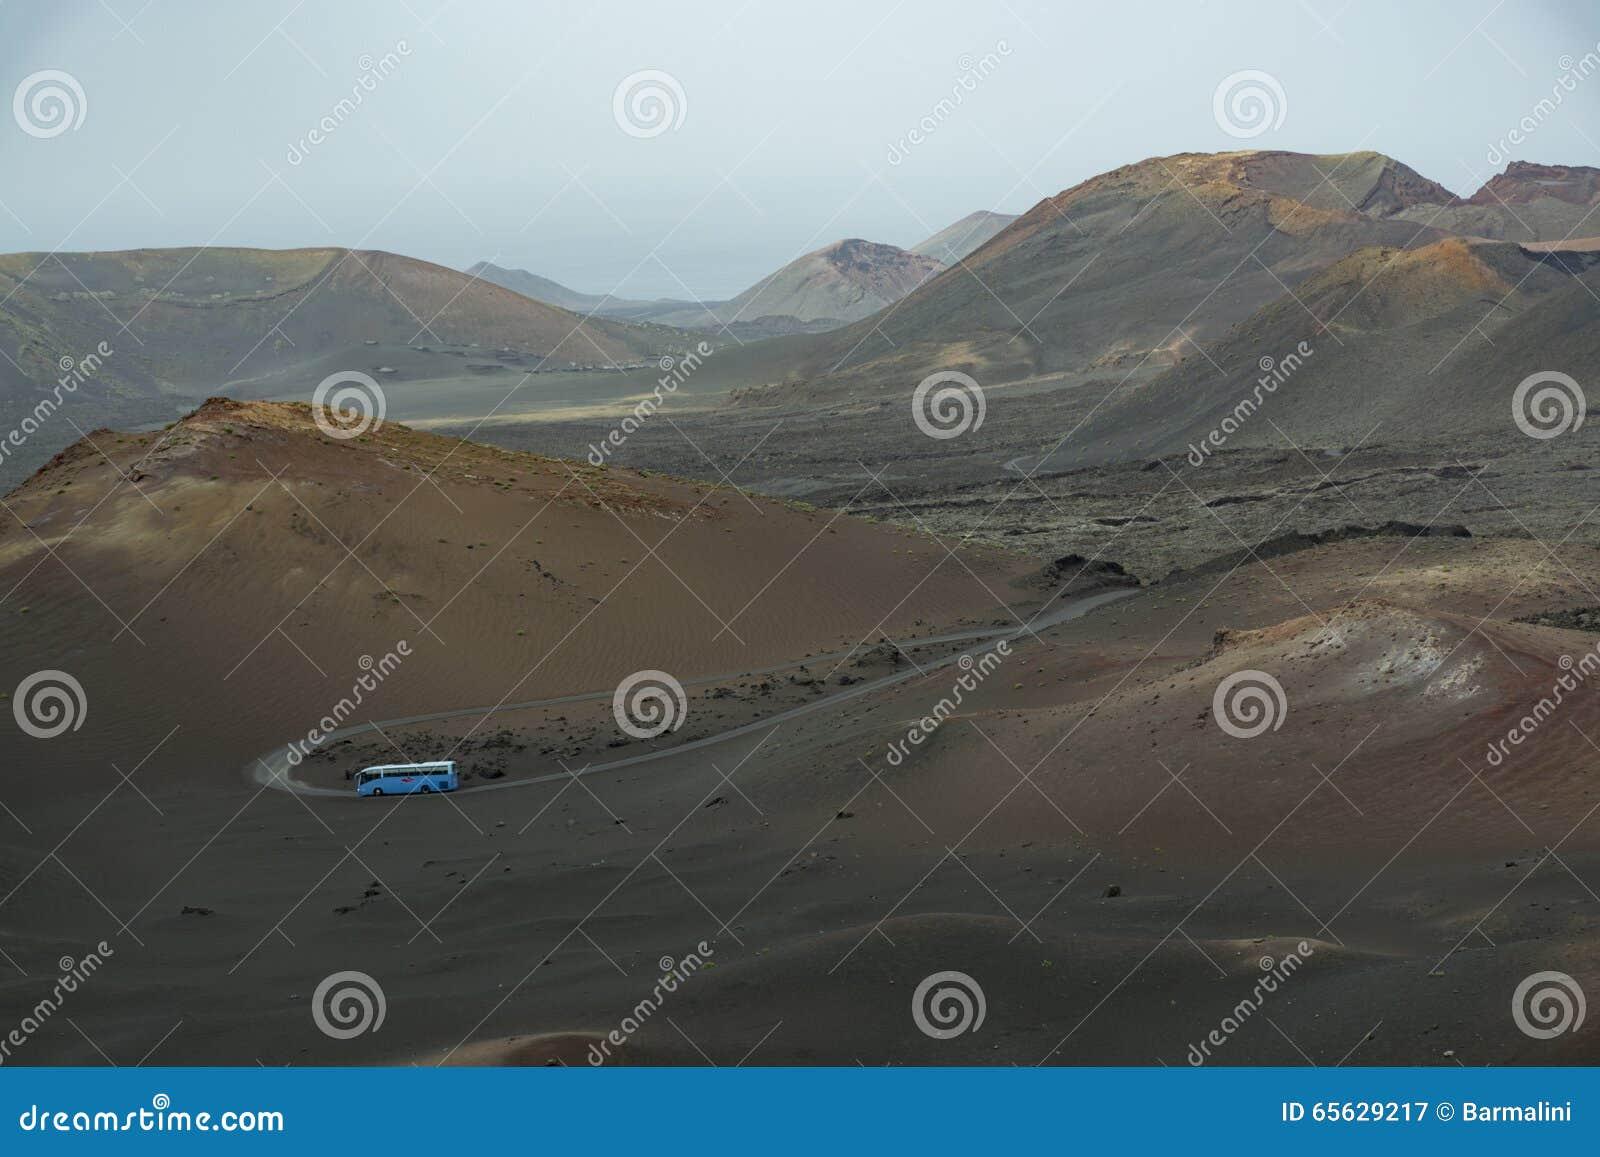 Paysage volcanique, Lanzarote, Espagne, cratères, autobus touristique bleu